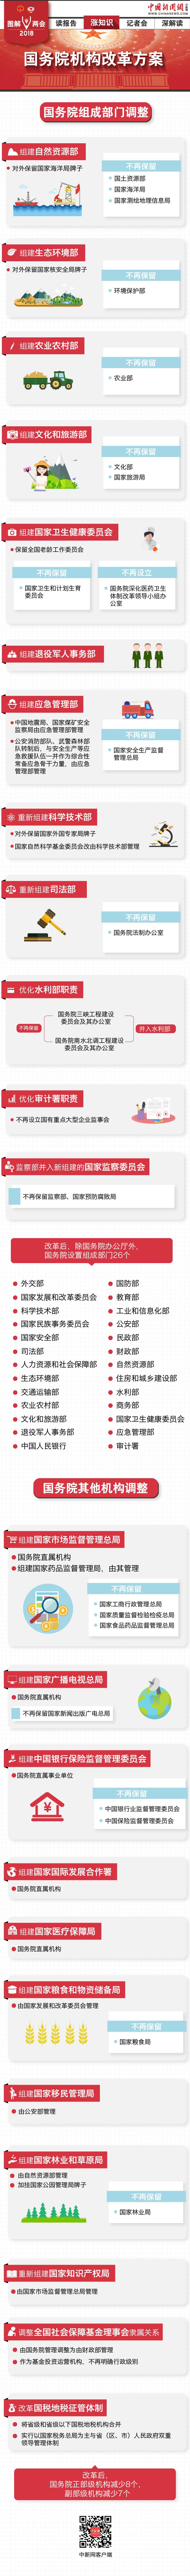 幸运彩票平台怎么样:中国拟组建应急管理部_专家:迈入现代国家应急治理新阶段